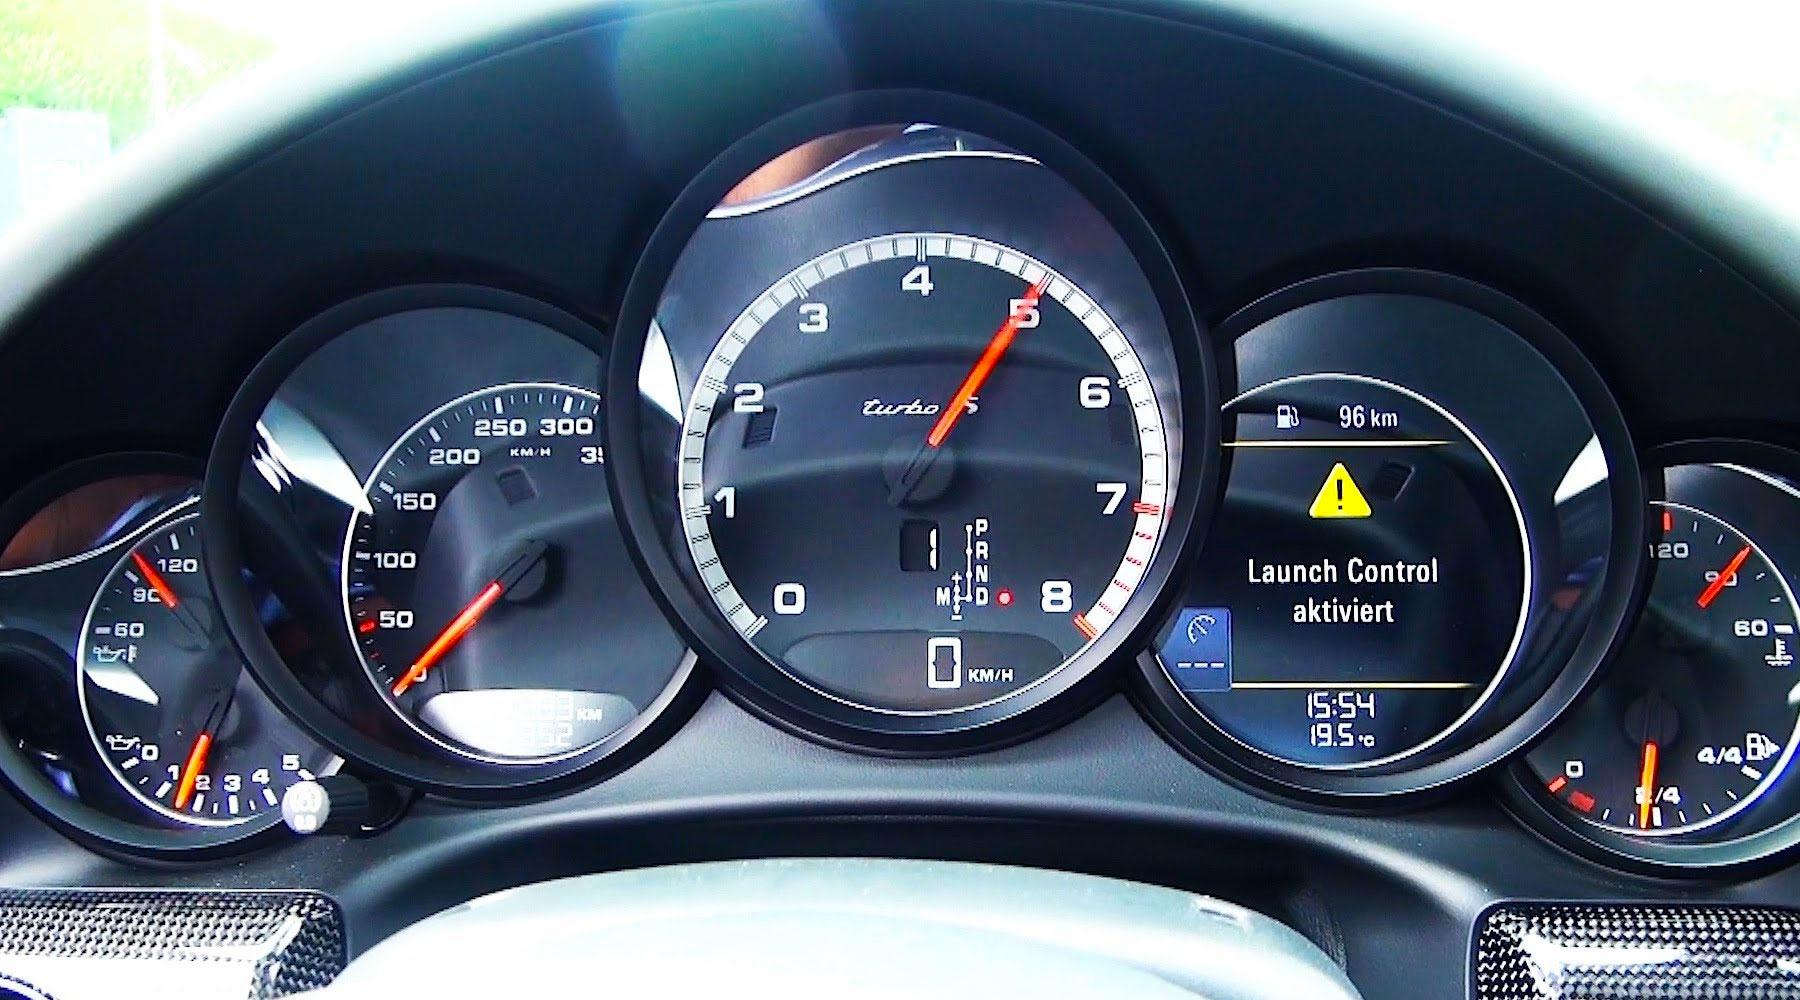 Otomobillerde Launch Control